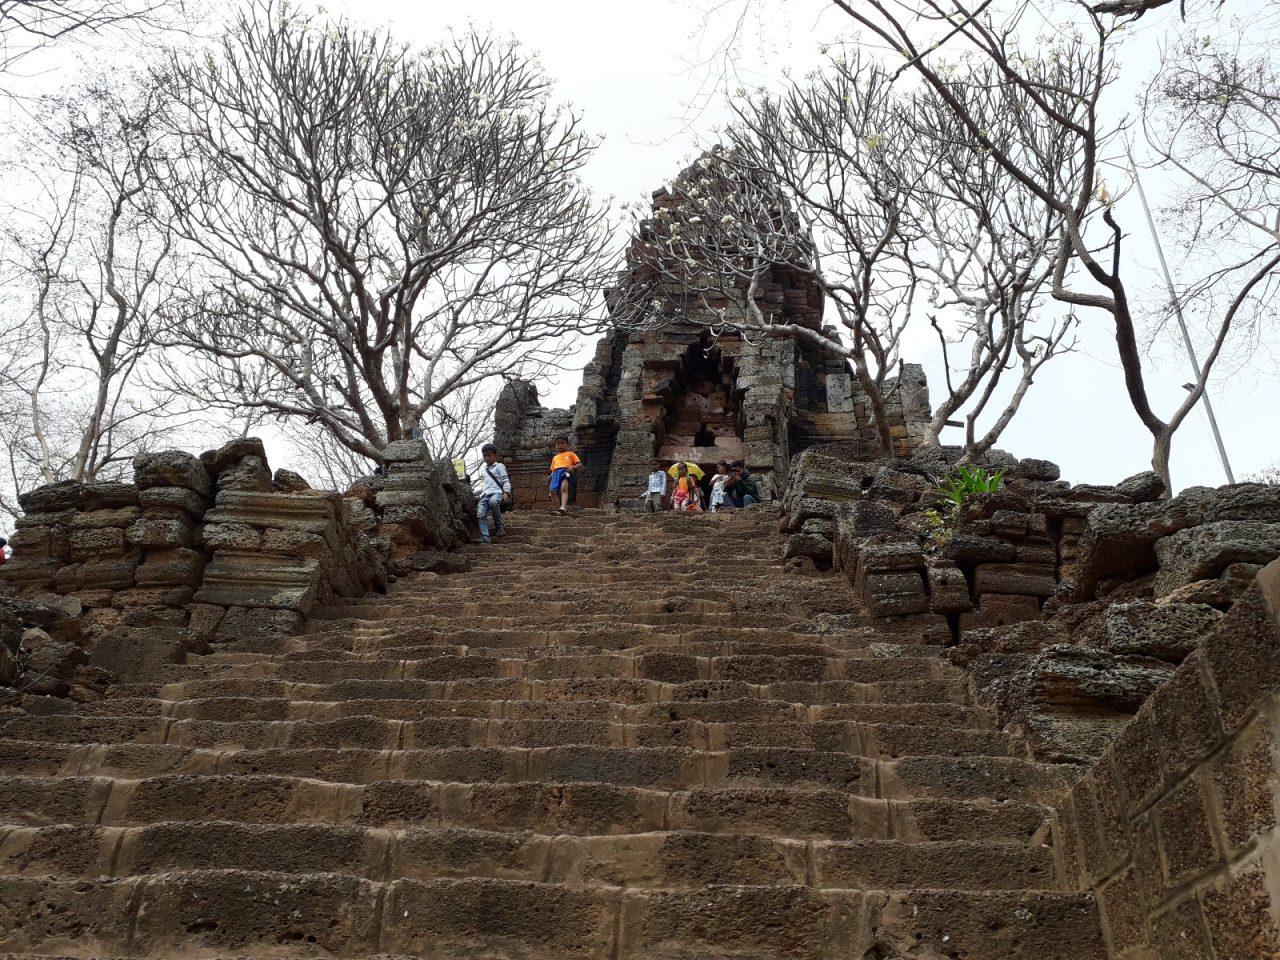 Kamboçyanın para birimi: tarih, döviz, fotoğraf 91